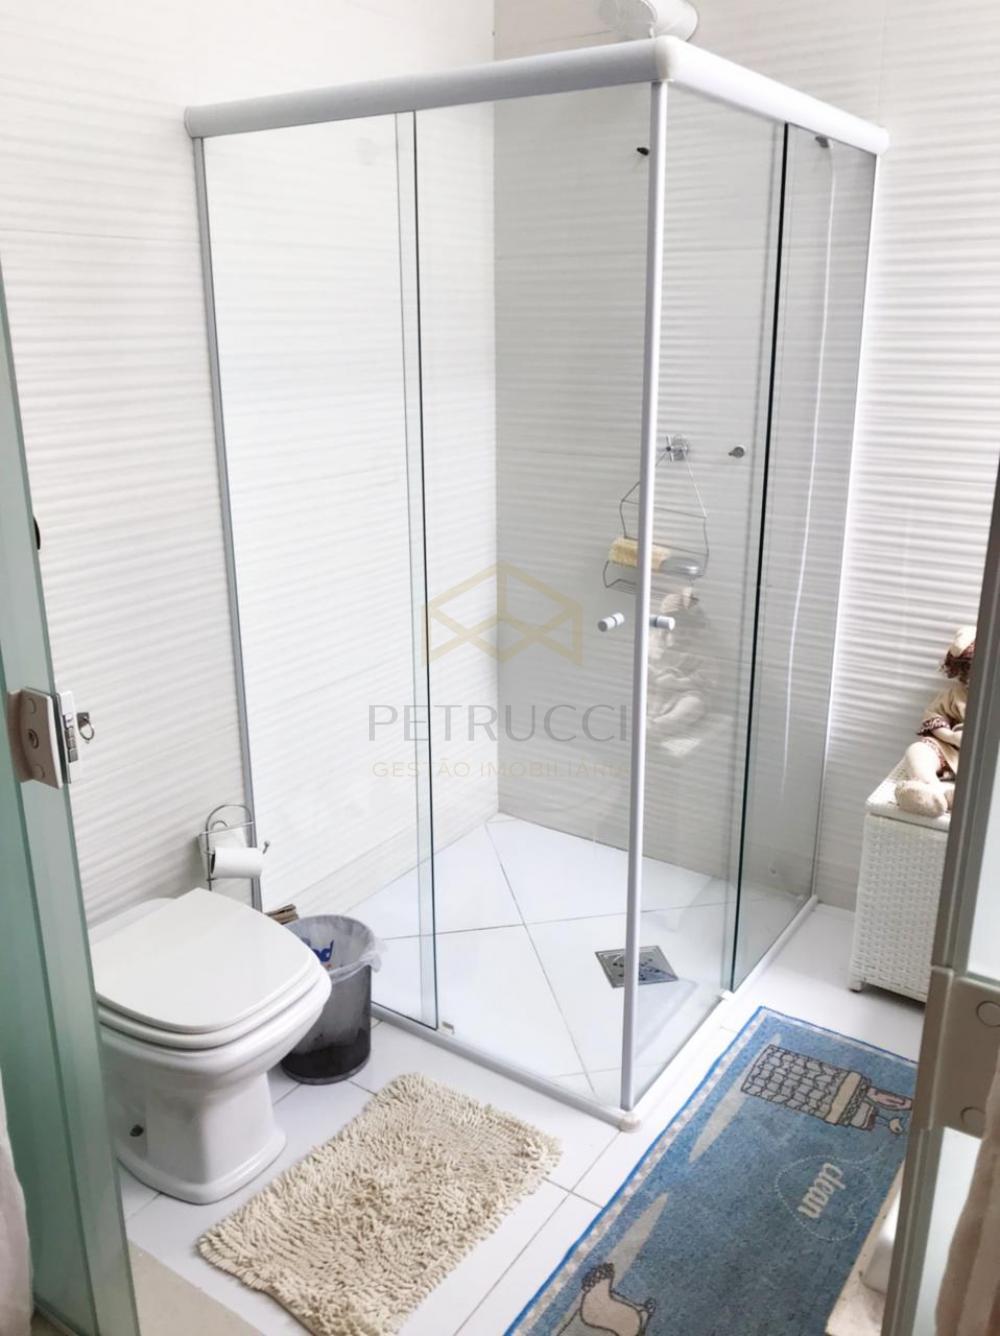 Alugar Casa / Sobrado em Condomínio em Campinas R$ 7.500,00 - Foto 30